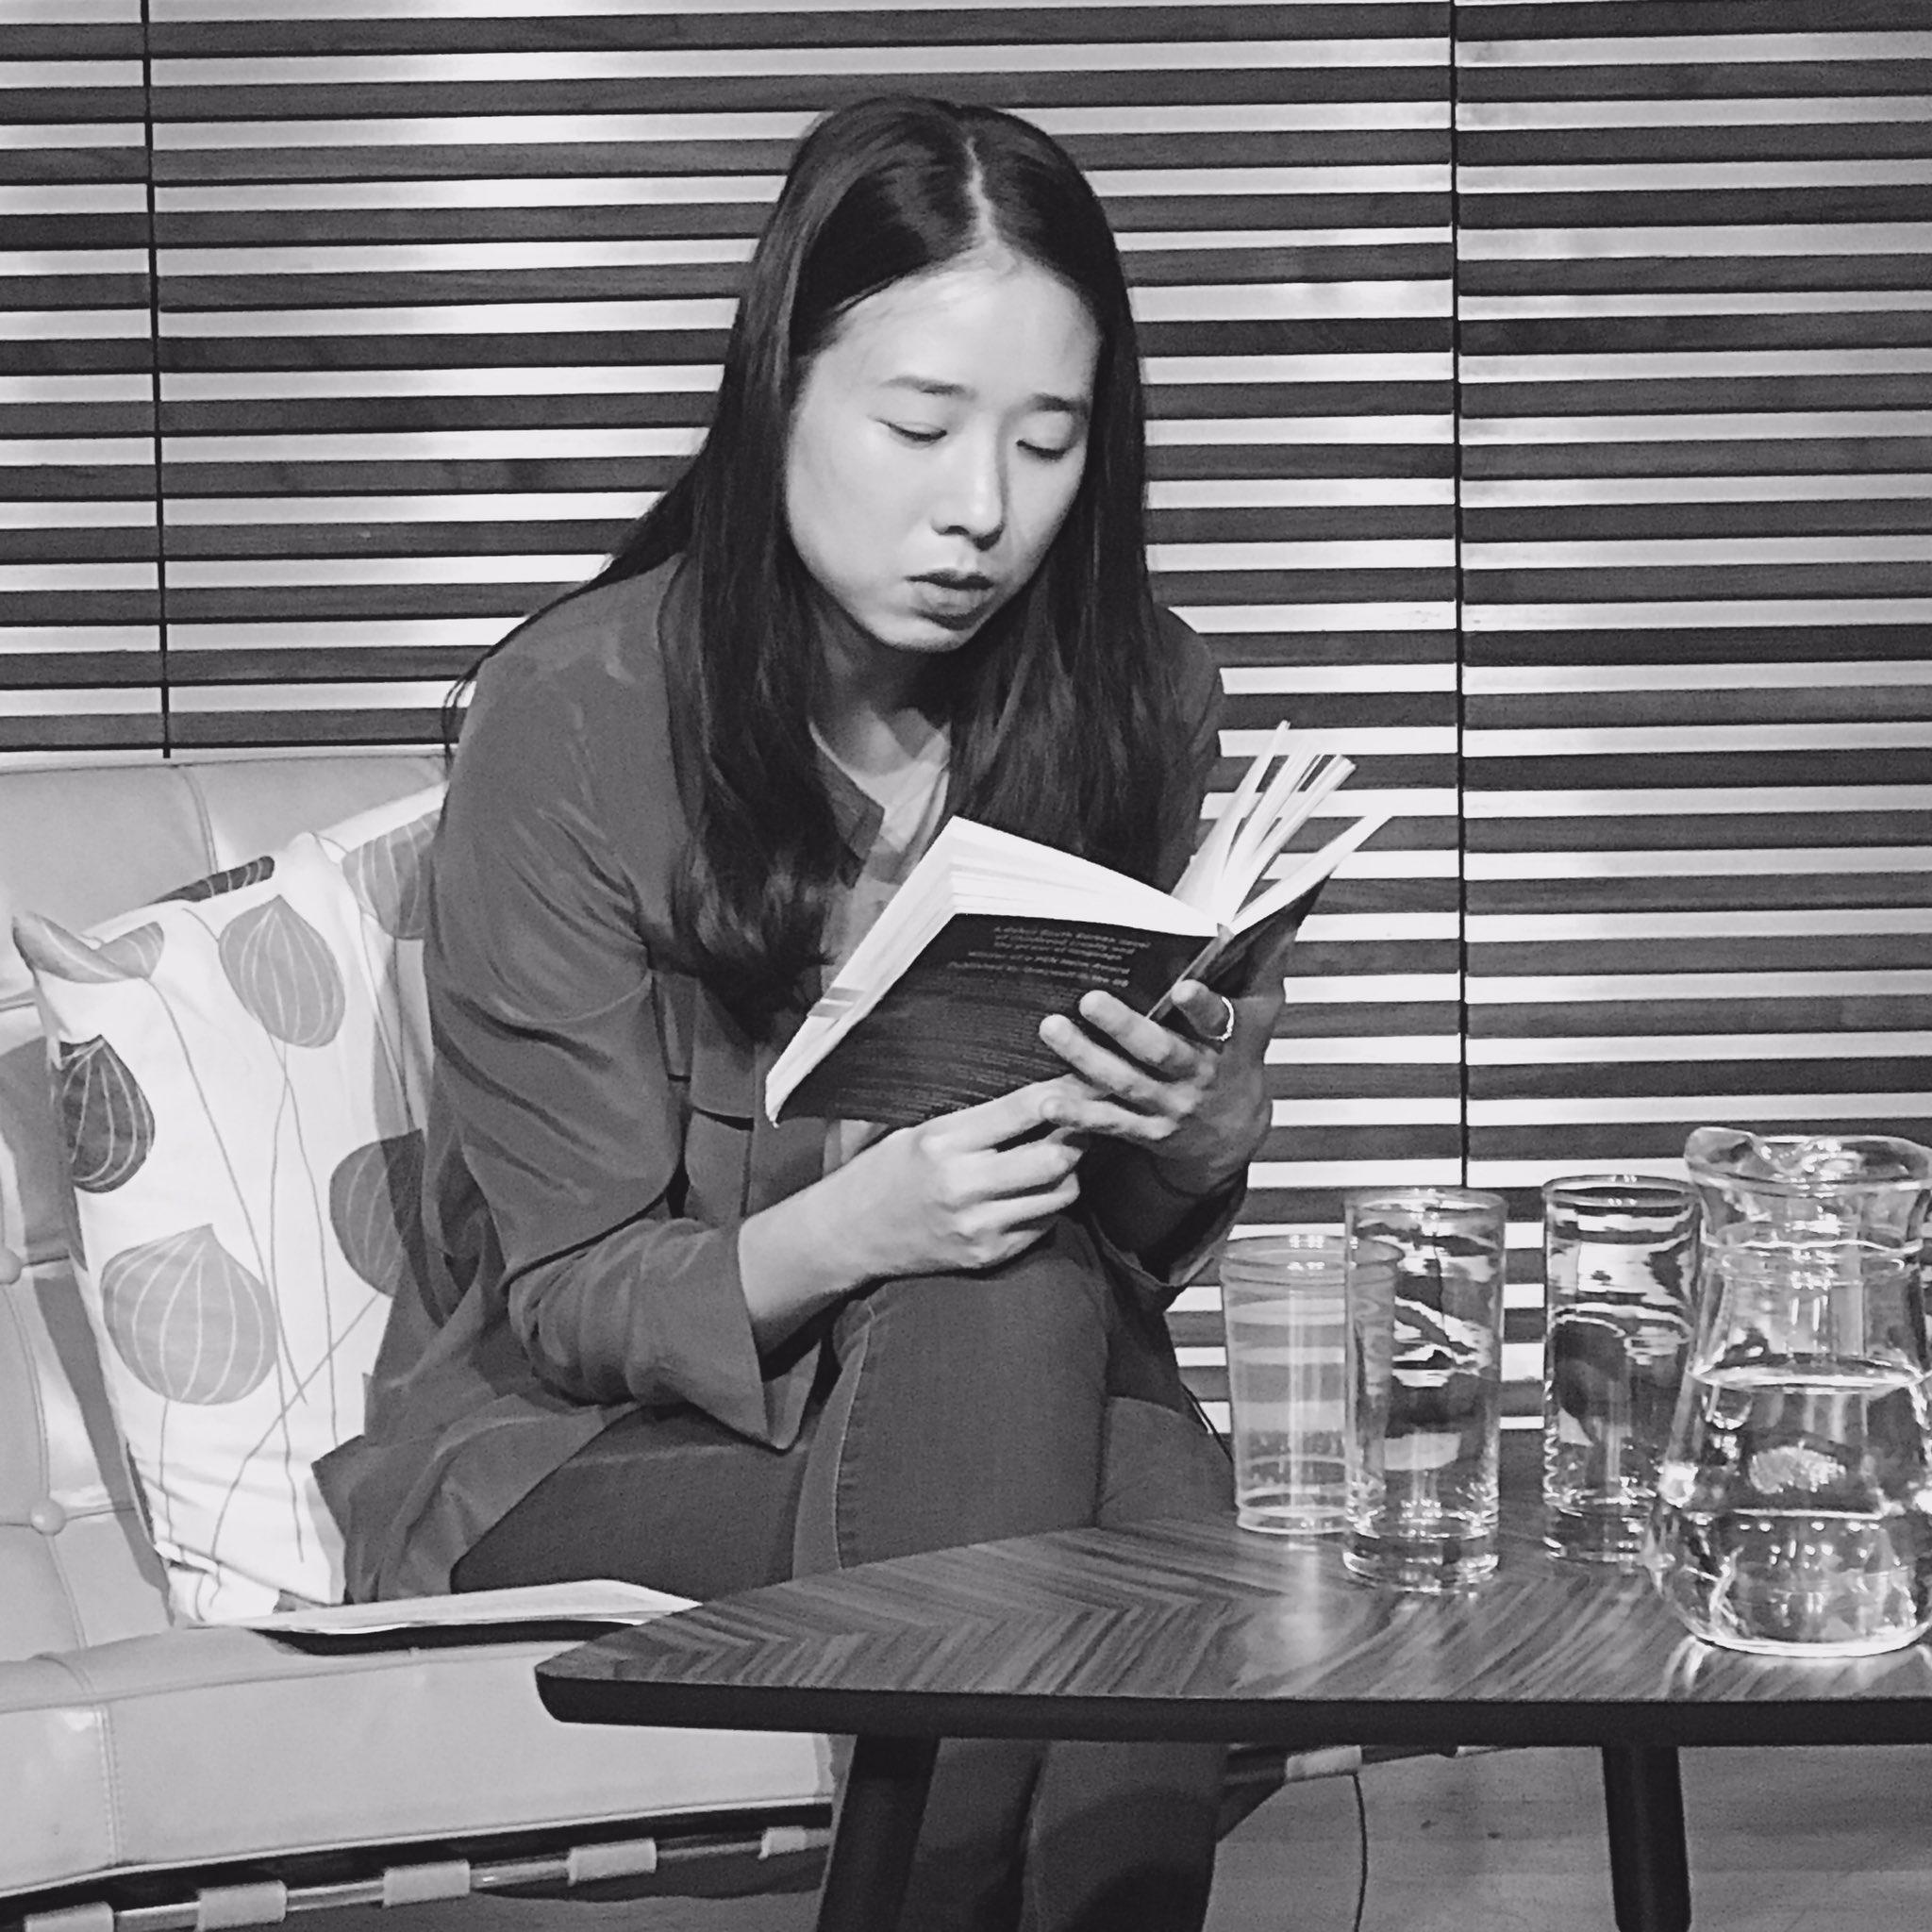 Spellbinding reading by Han Yujoo. Photo credit @DiyaonKorea